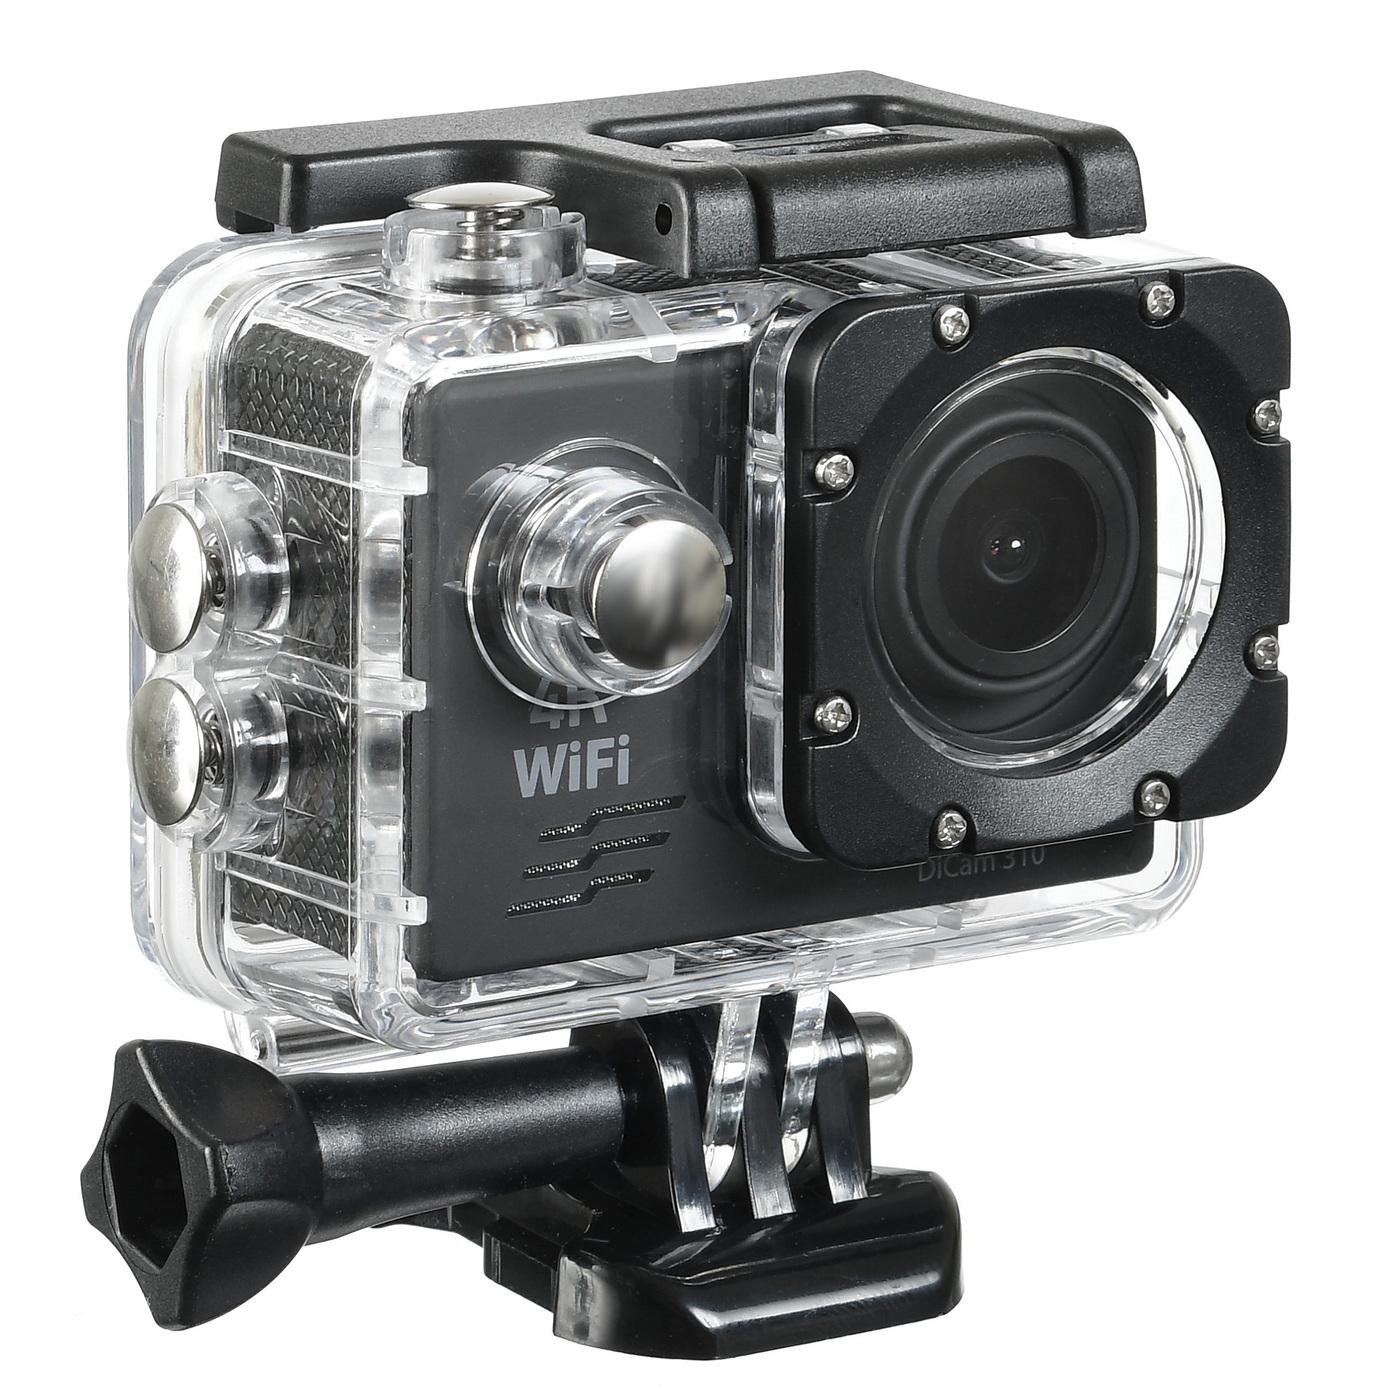 экшн-камера digma dicam 310. уцененный товар